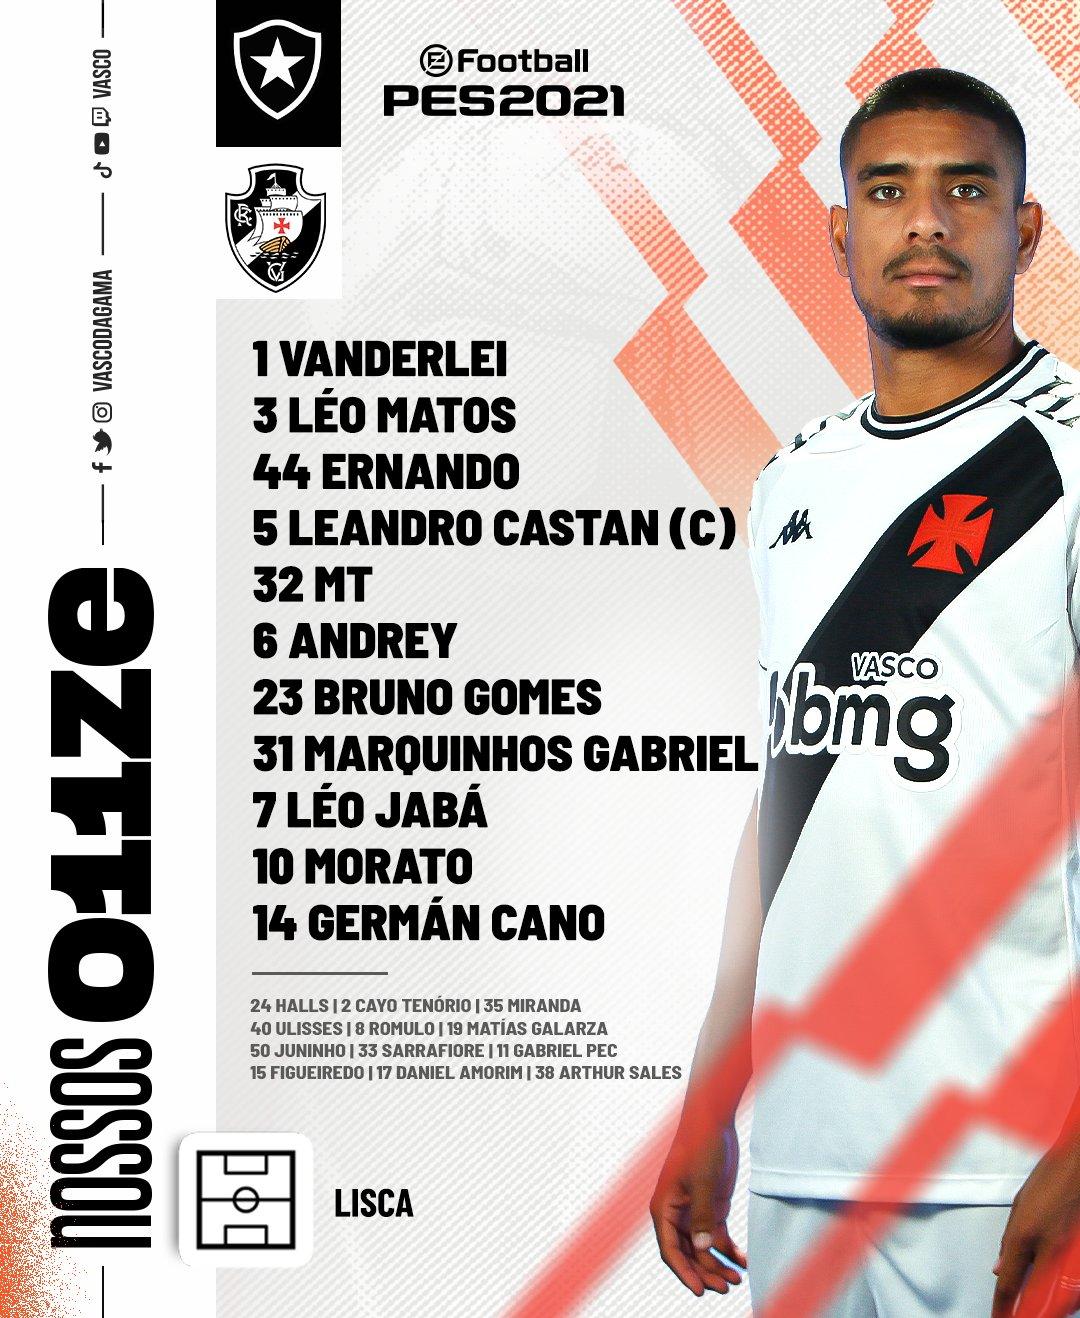 Vasco escalado para pegar o Botafogo pela Série B do Campeonato Brasileiro